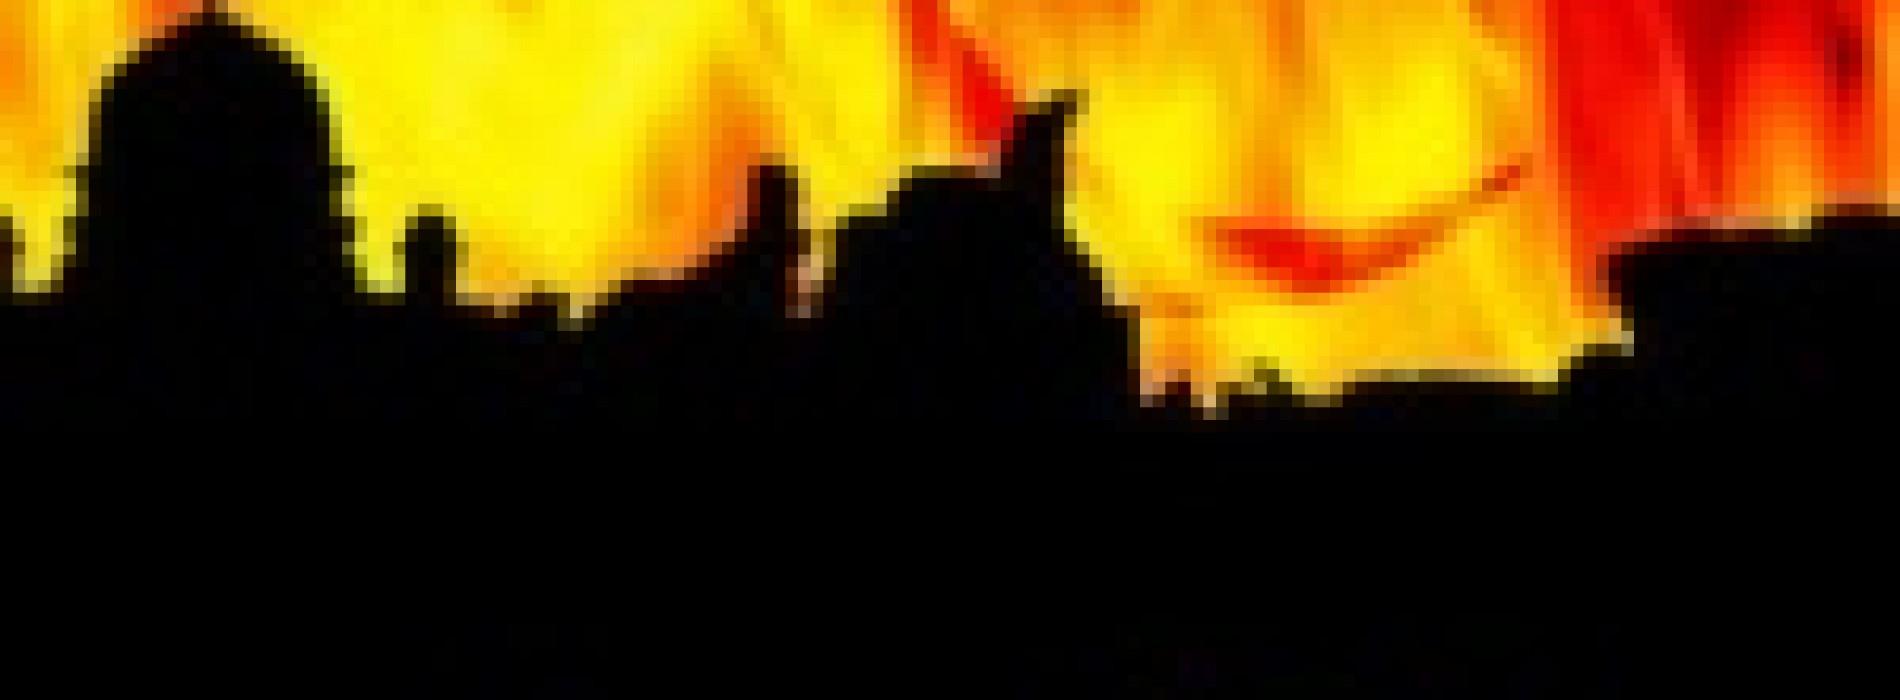 The Summer Heat: Setting Our Faith on Fire